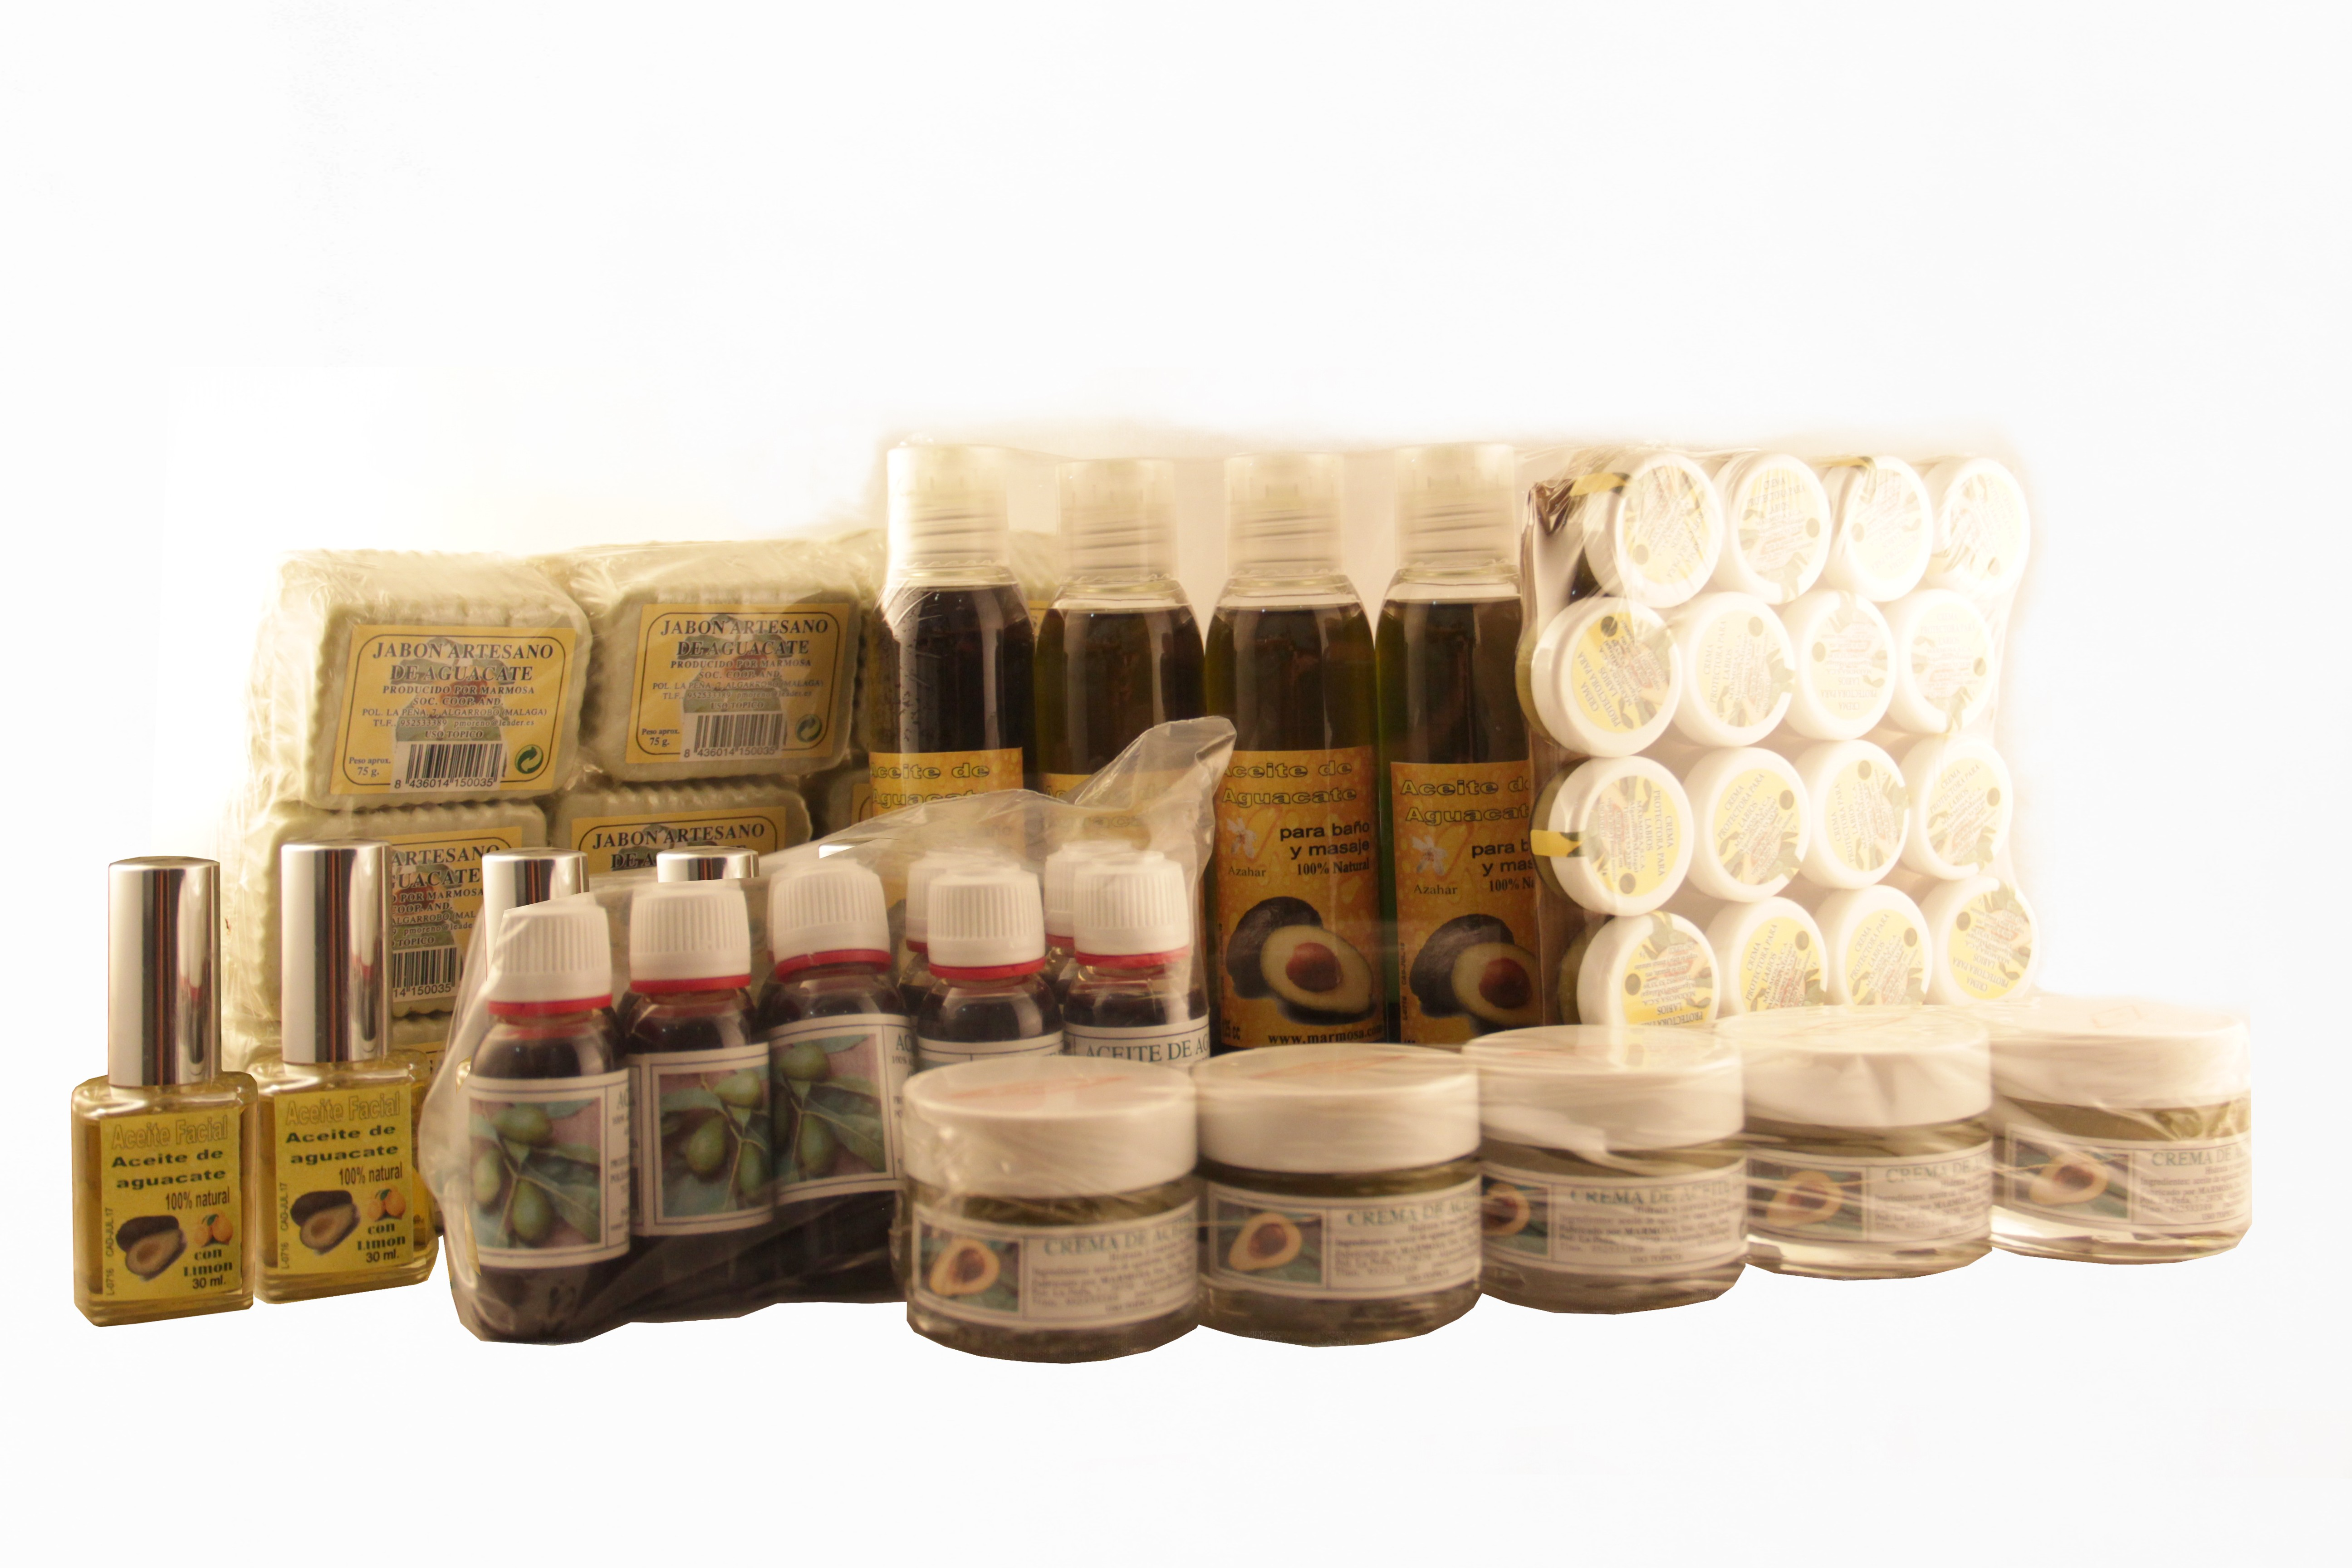 Packs de nuestros productos